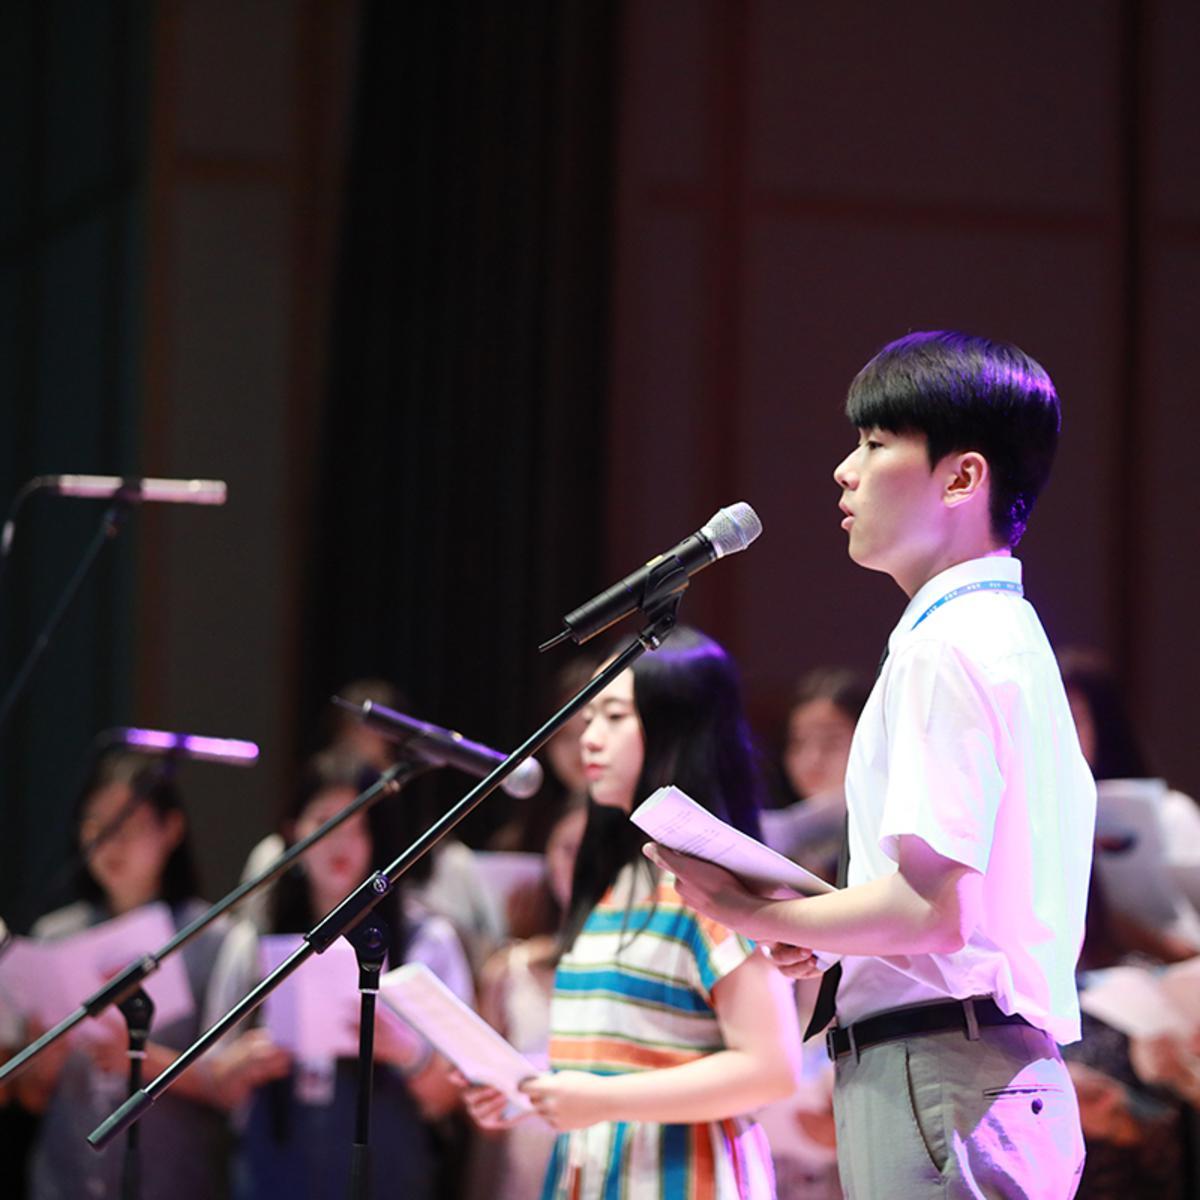 노래 부르고 있는 청남의 모습